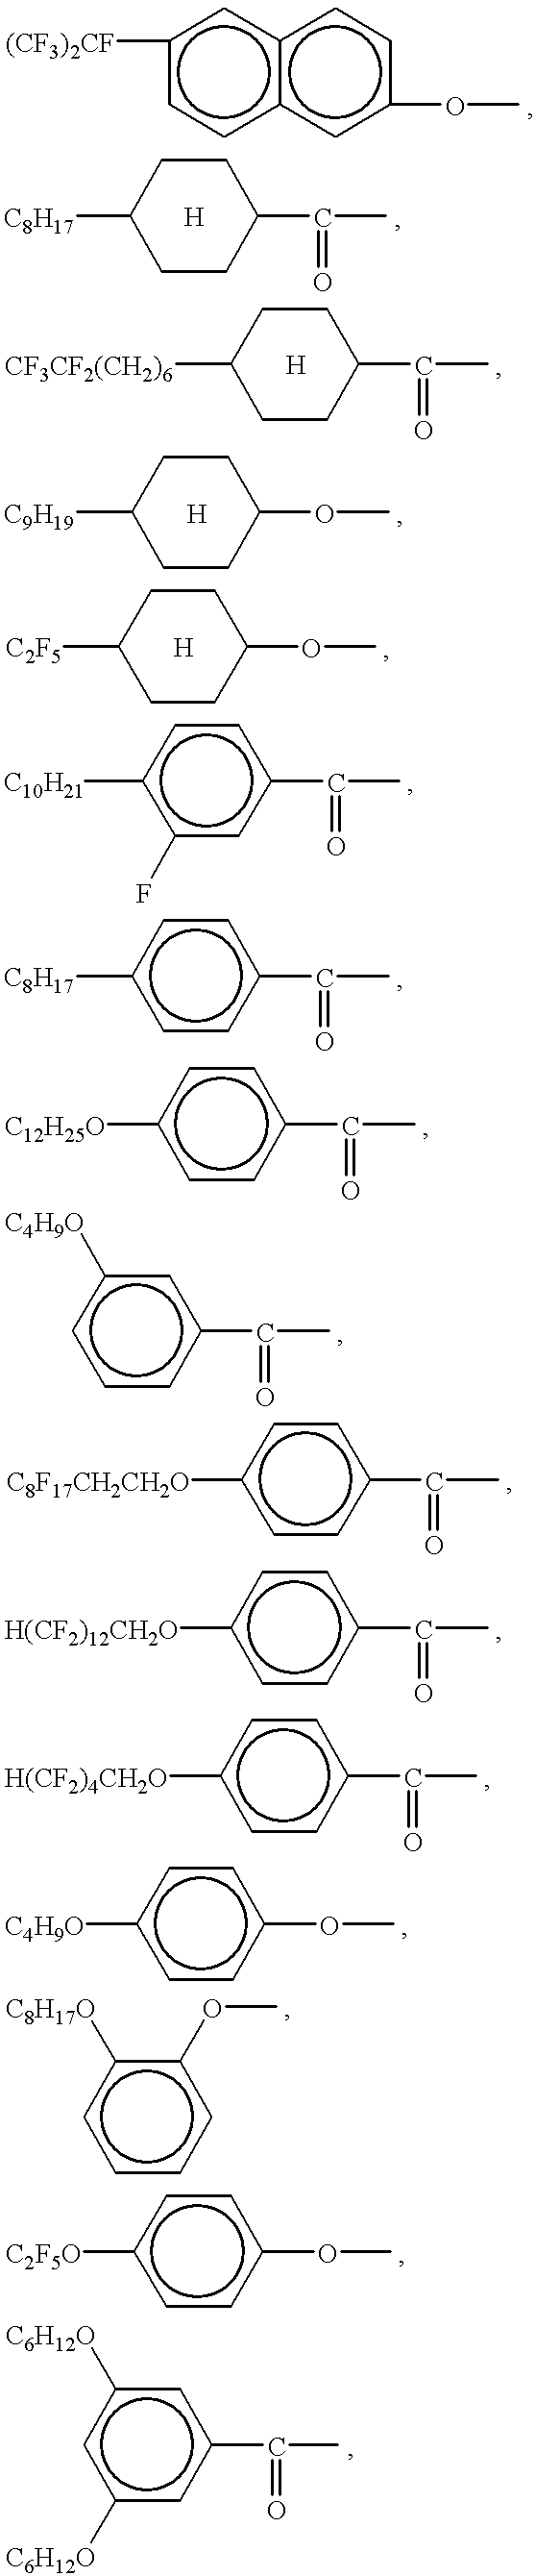 Figure US06261649-20010717-C00003